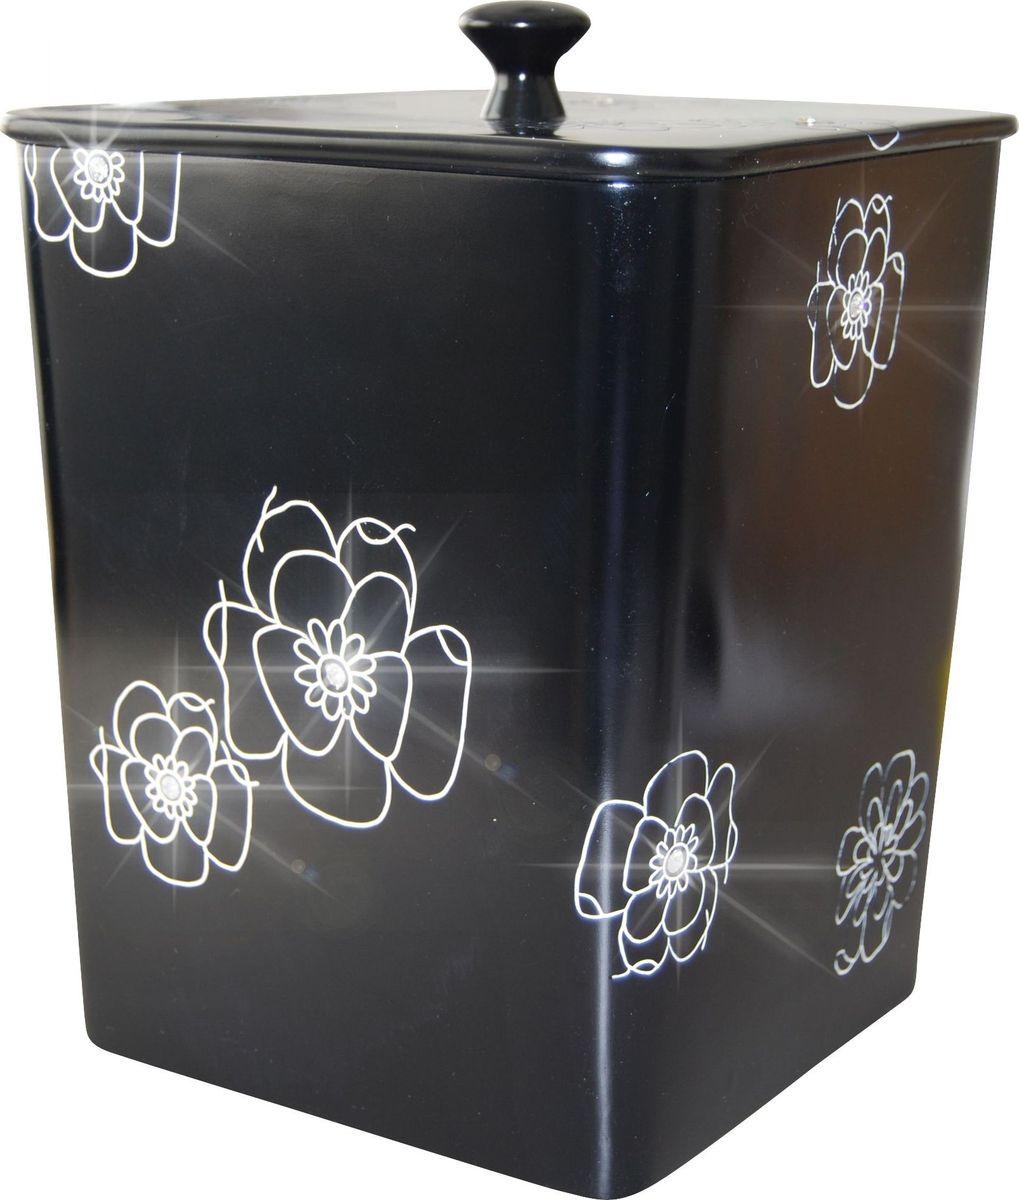 Контейнер для мусора Ridder Diamond, цвет: черный, 8,5 л22160610Изделия данной серии устойчивы к ультрафиолету, т.к. изготавливаются из полирезины. Экологичная полирезина - это твердый многокомпонентный материал на основе синтетической смолы, с добавлением каменной крошки и красящих пигментов.